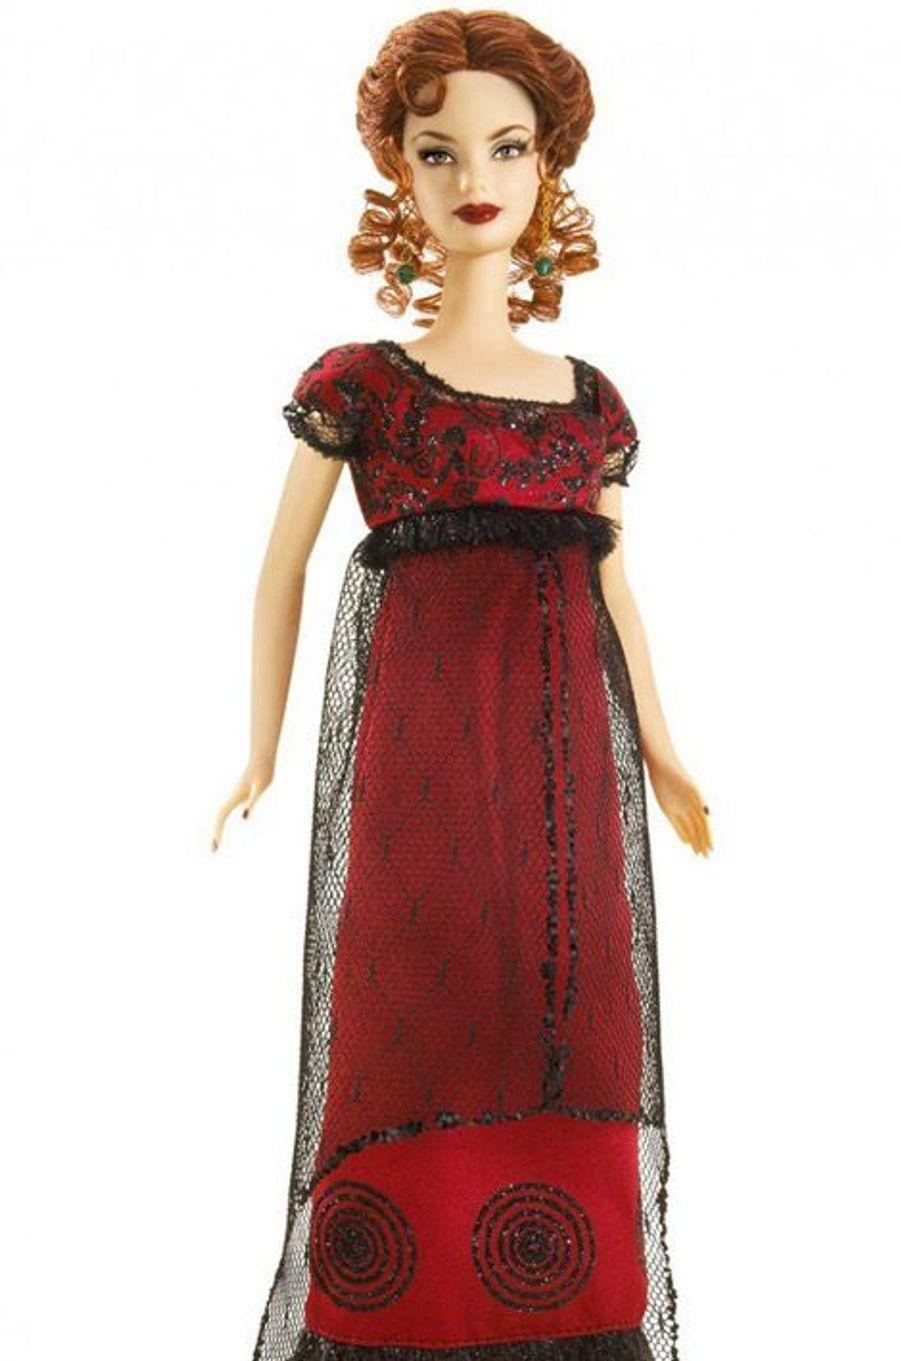 La Barbie inspirée par Kate Winslet dans Titanic